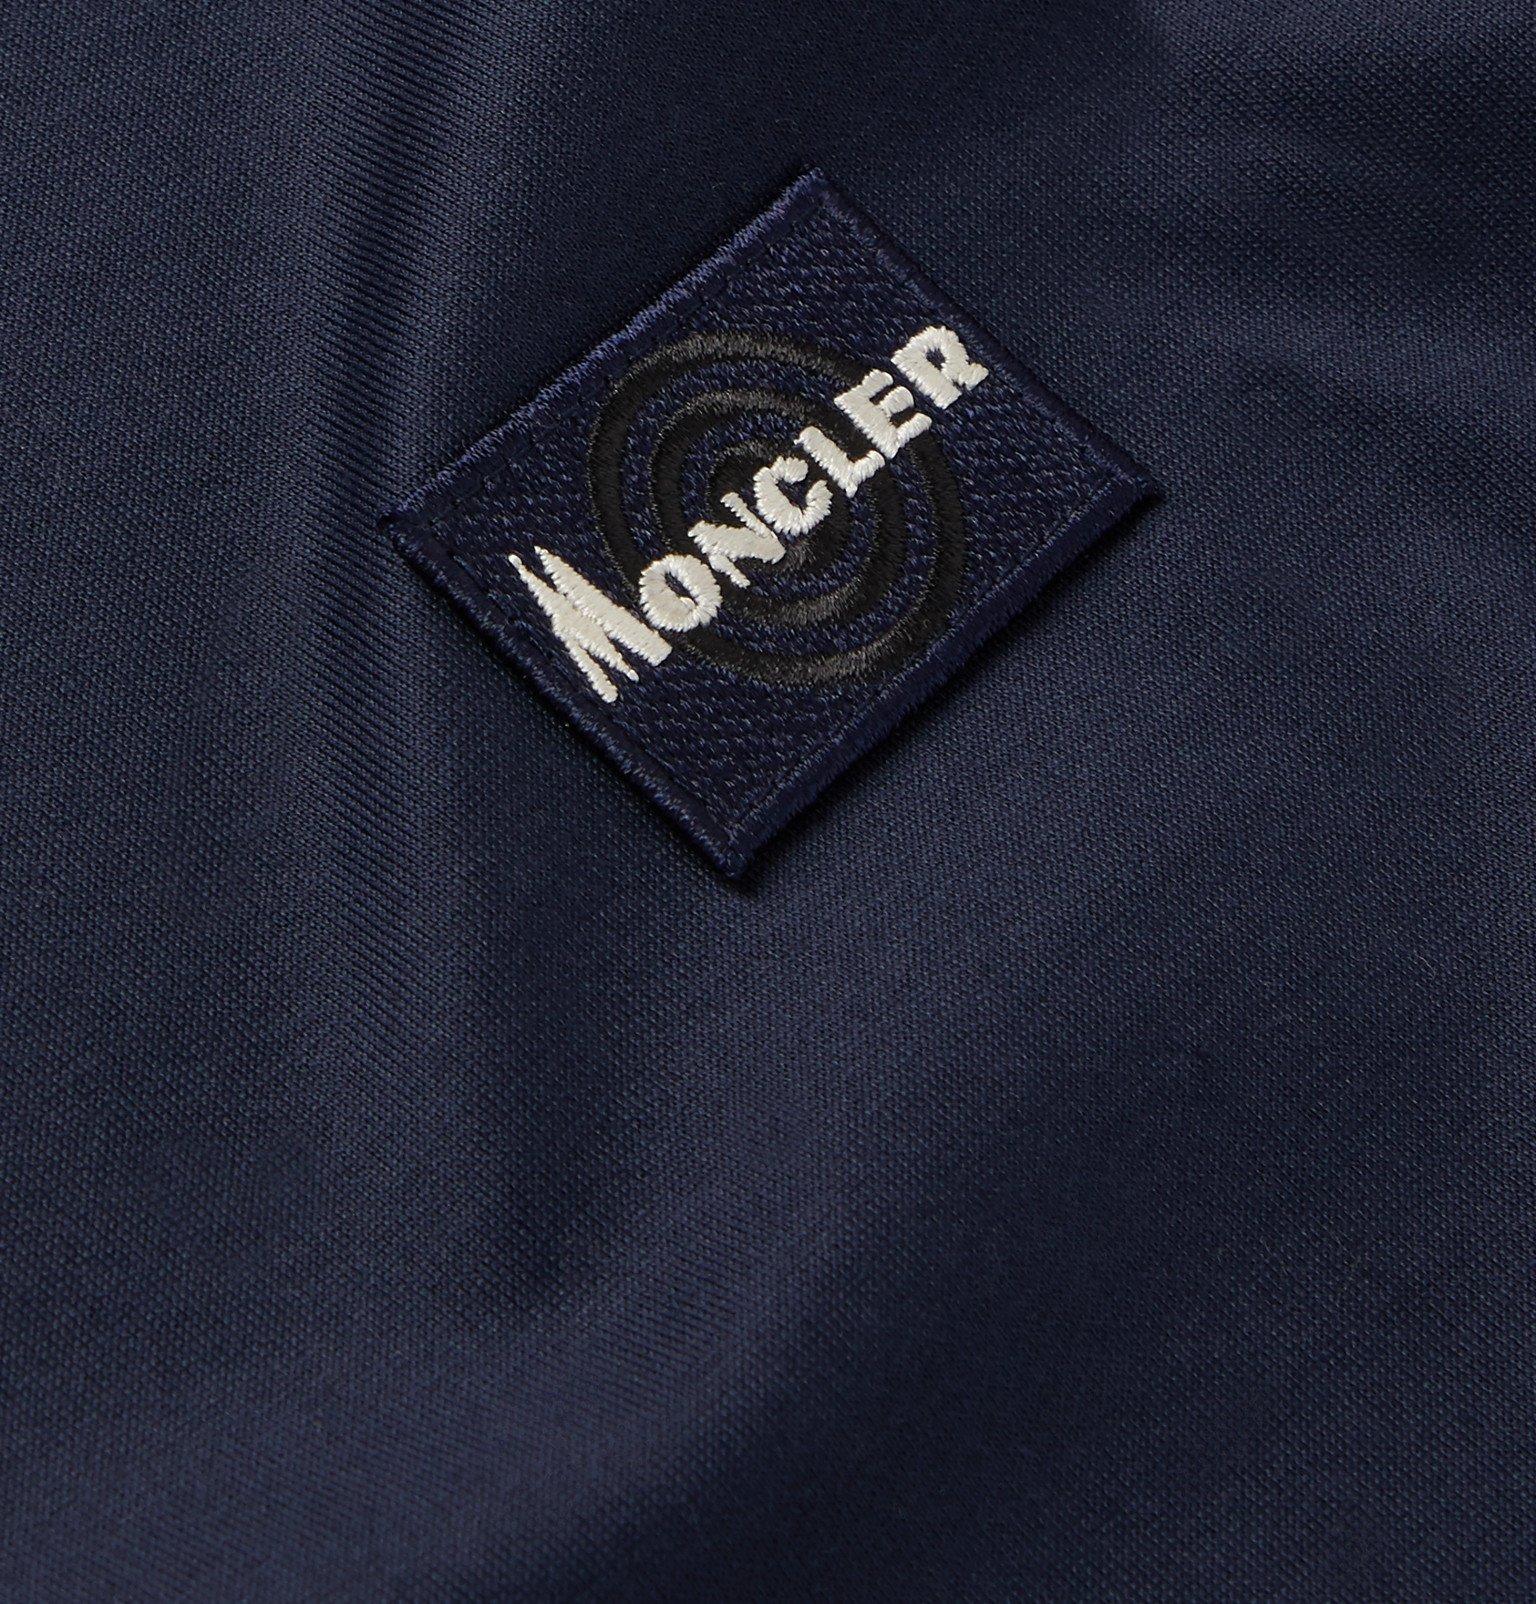 Moncler - Logo-Appliquéd Cotton-Jersey T-Shirt - Blue